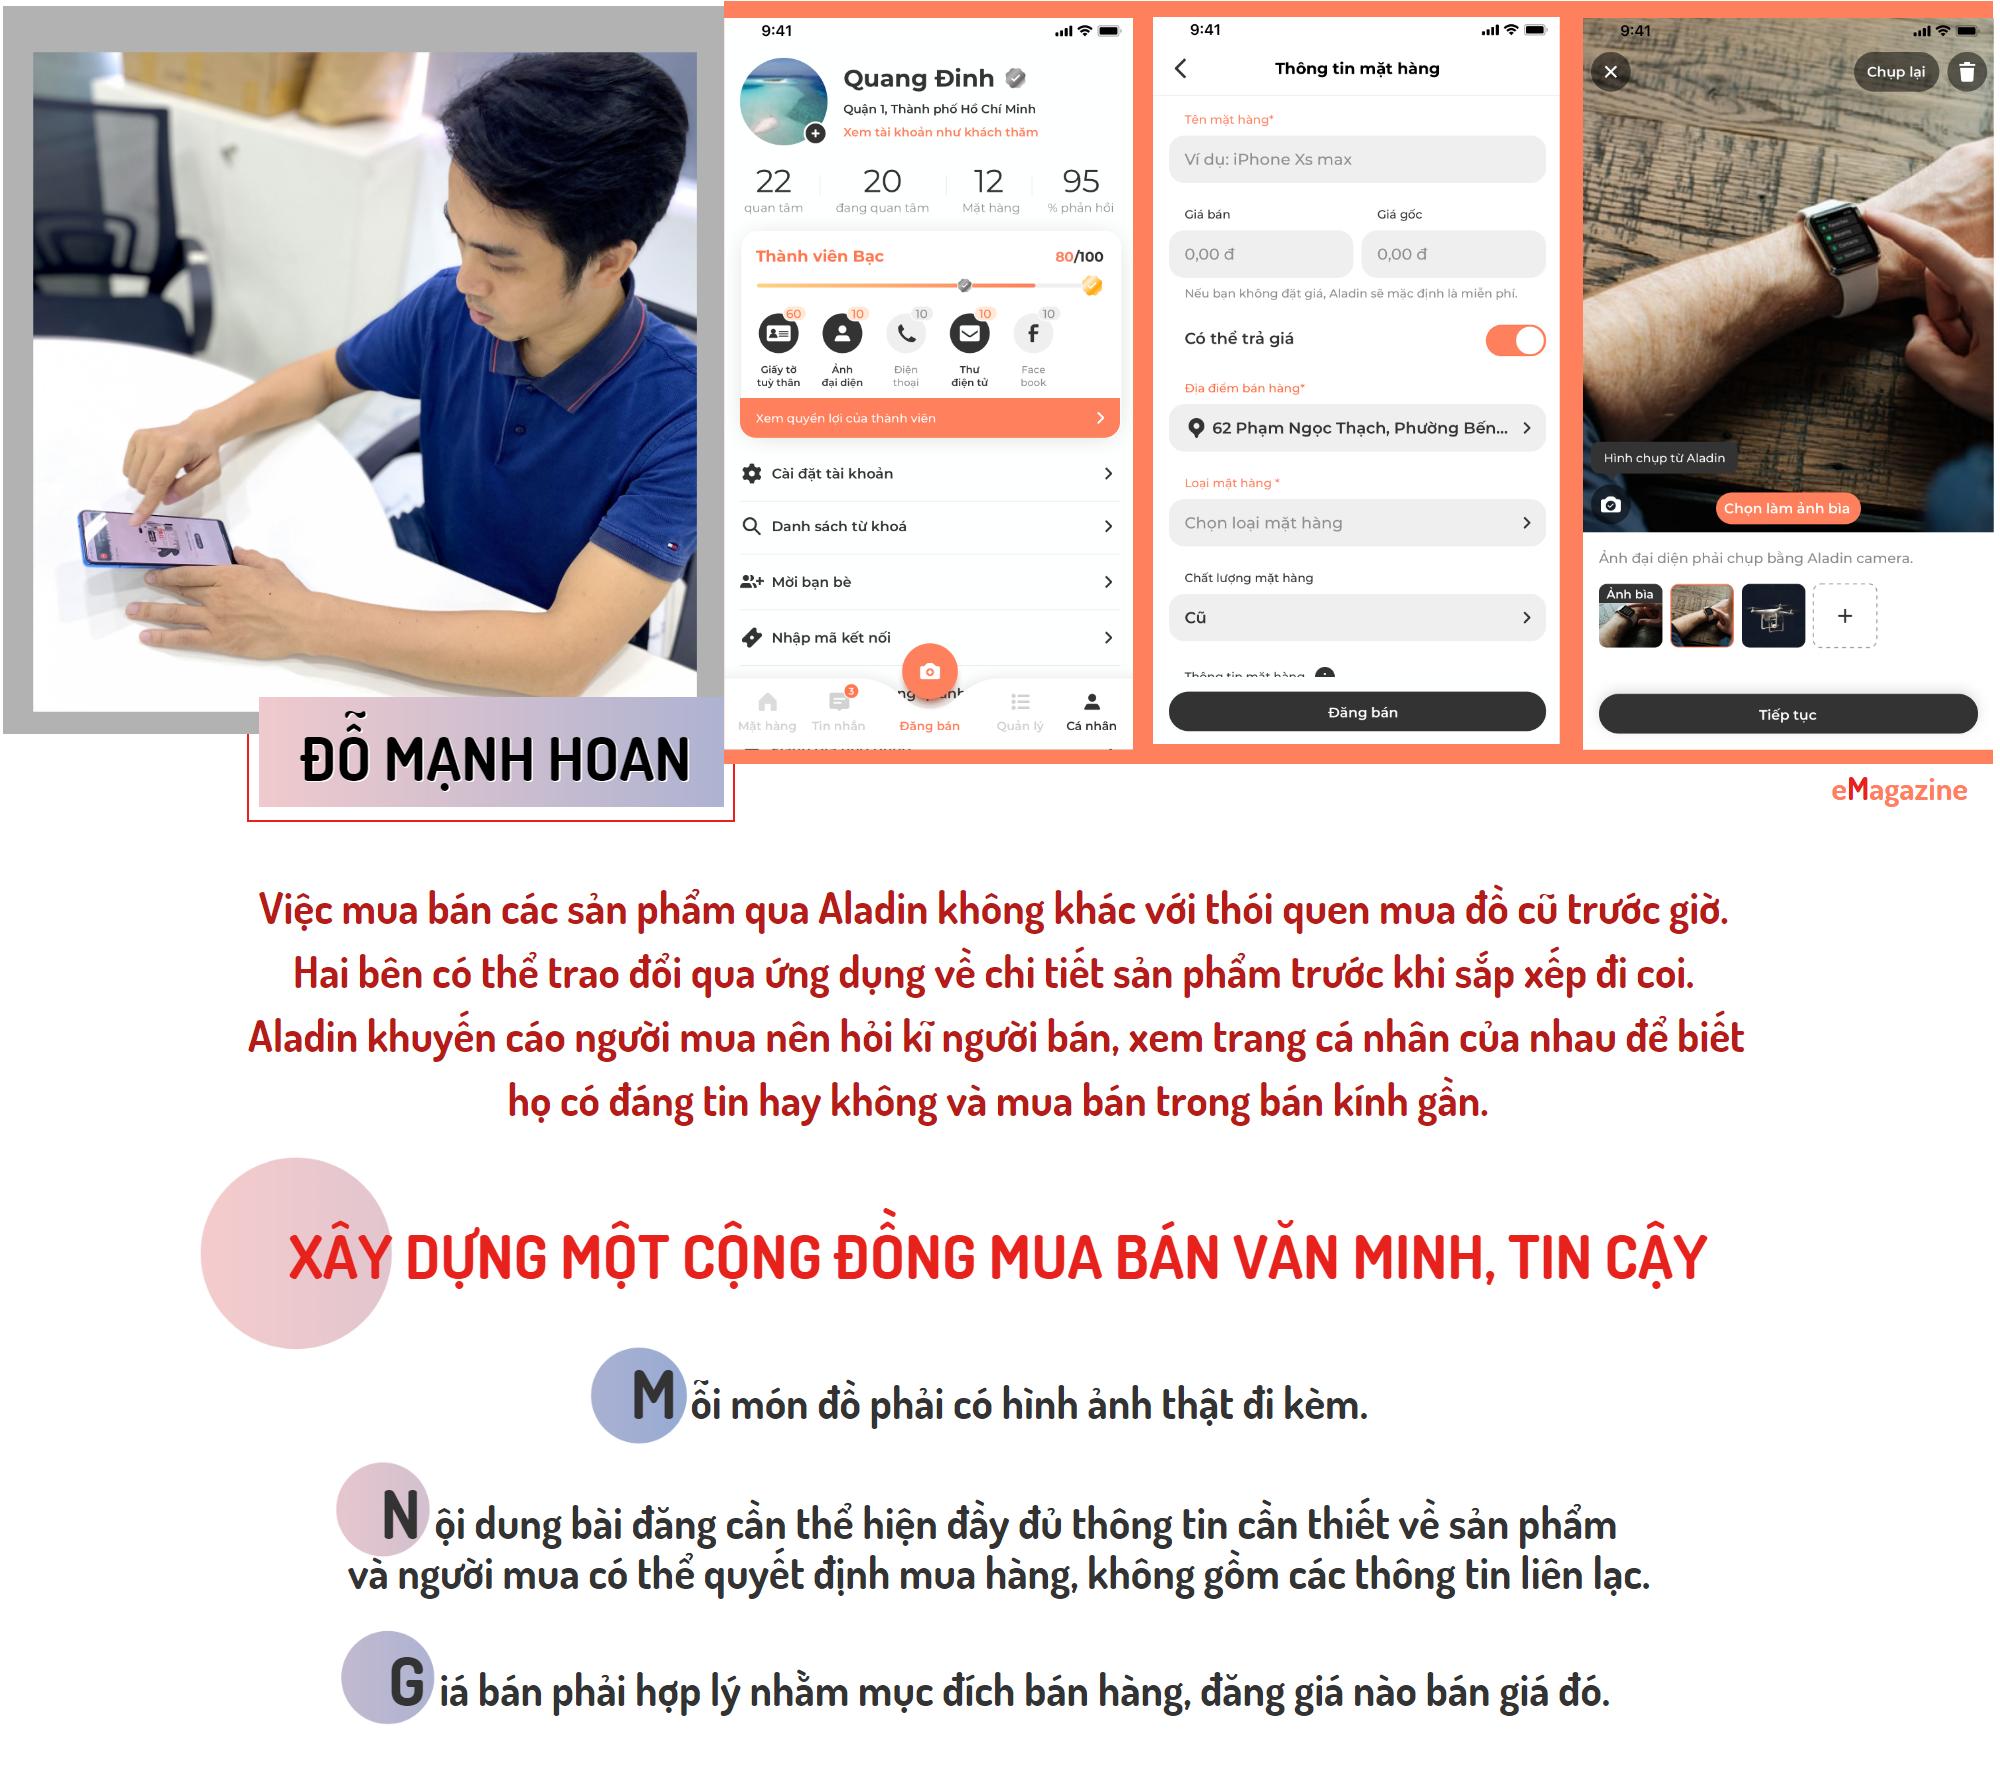 [eMagazine] Aladin - Ứng dụng mua bán đồ cũ cho cộng đồng người Việt - Ảnh 9.